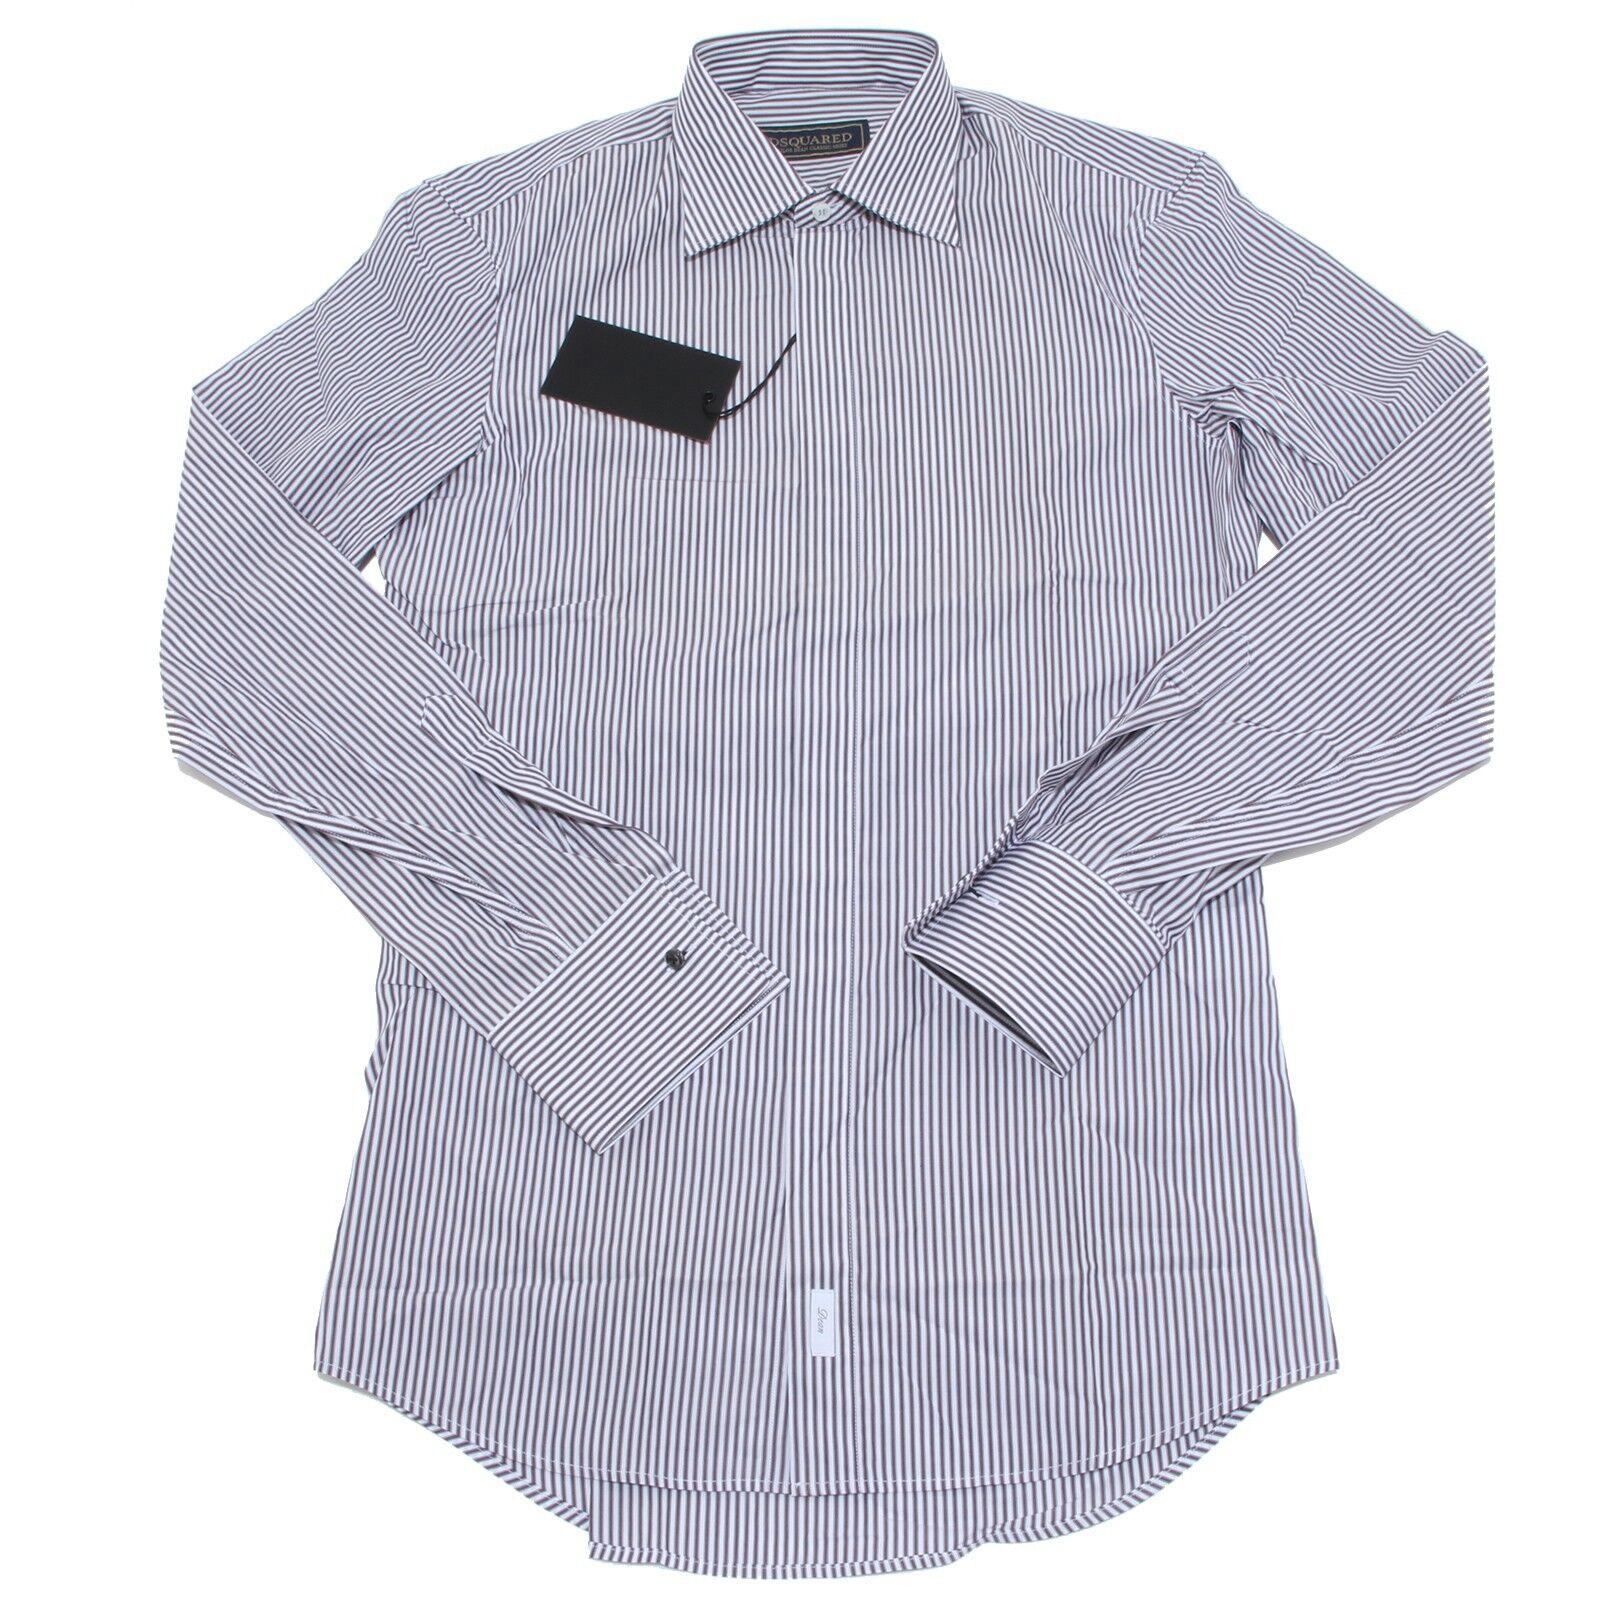 9626m Camicia Uomo DSQUARED Shirt Men GESSATA Bianco marrone 50  8ca9a46f1f1c